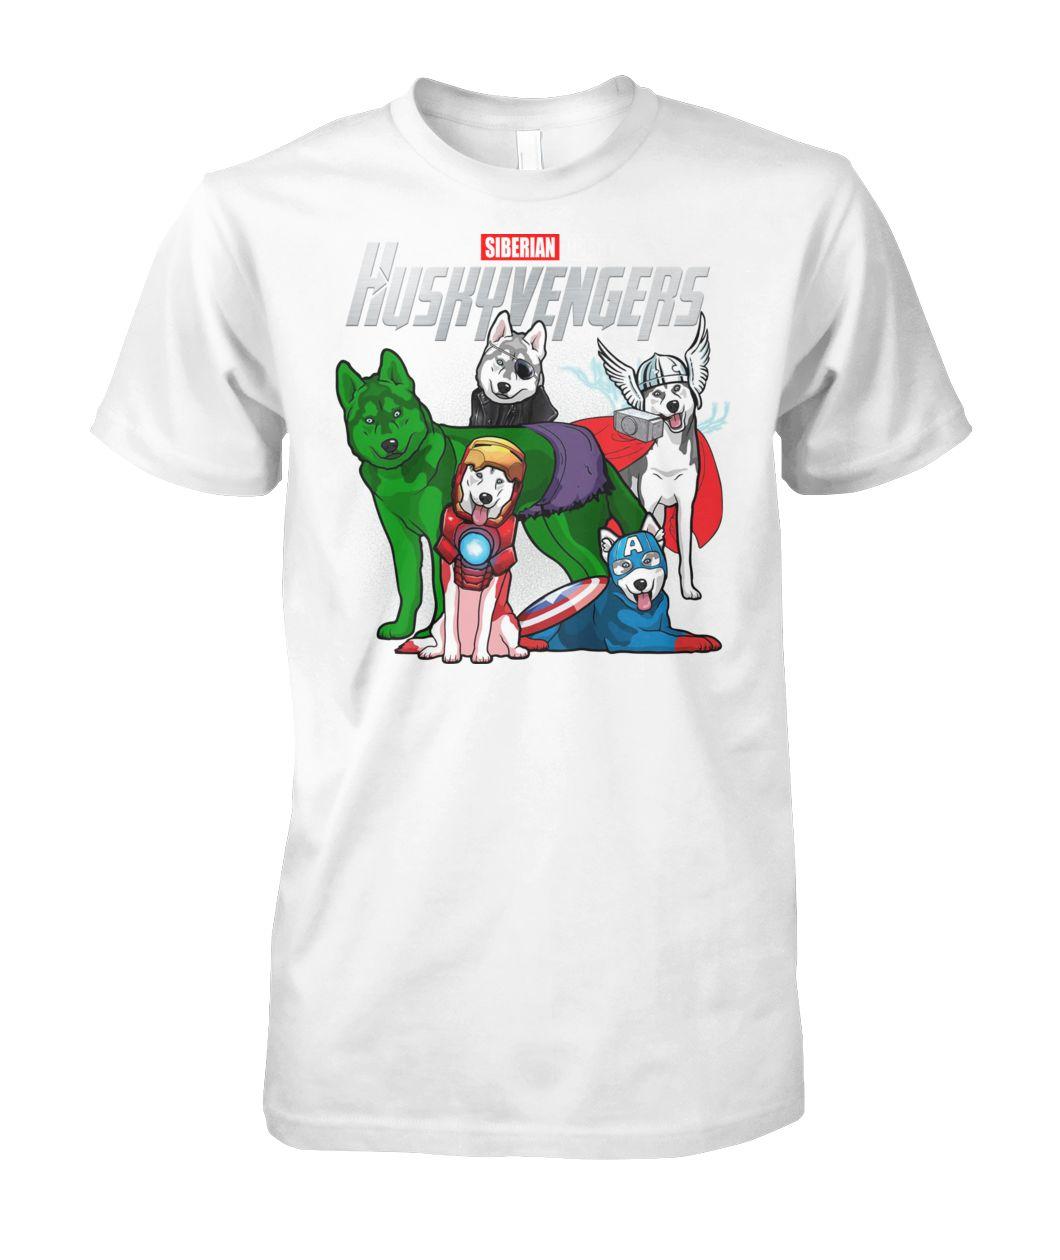 [Hot version] Marvel avengers endgame huskyvengers siberian husky shirt